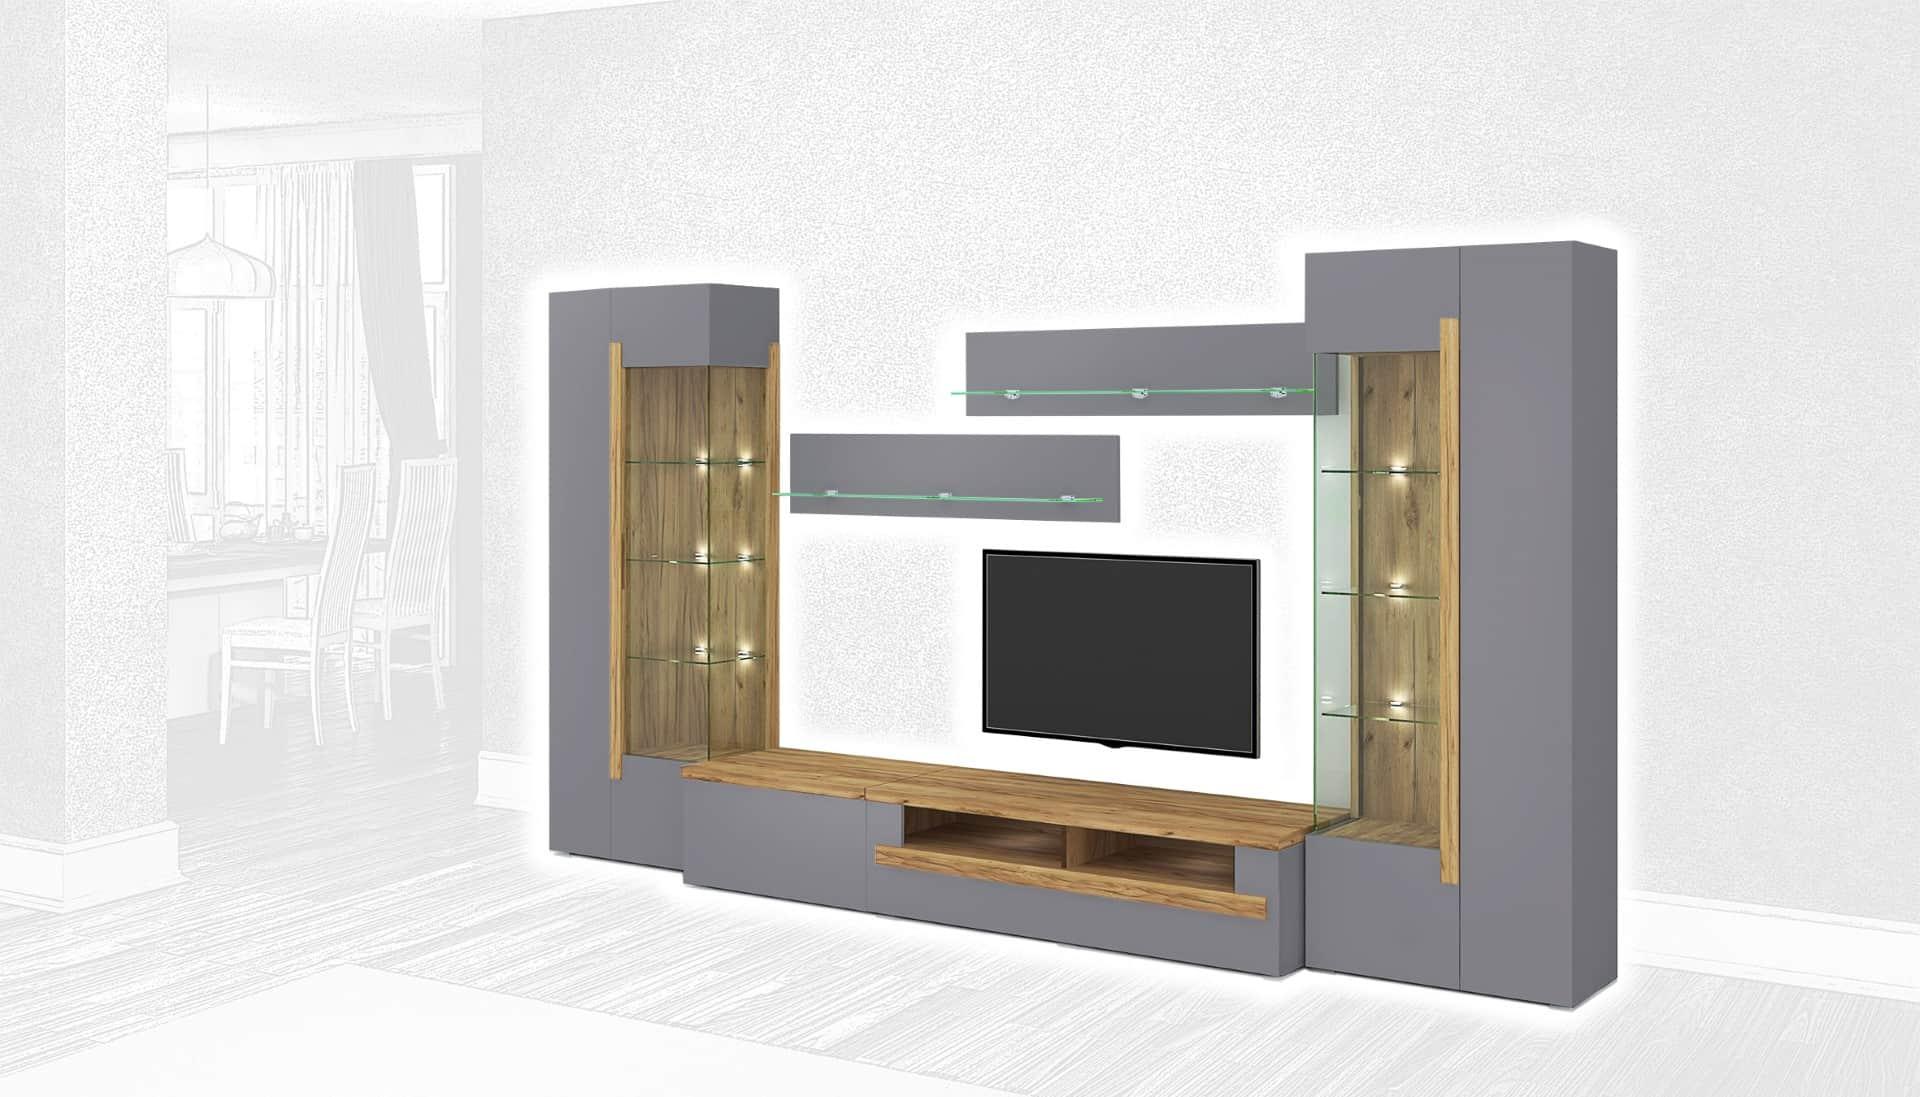 Стенка Интердизайн Дубай светло-коричневый/серый 1990x3650x500 (композиция 3)